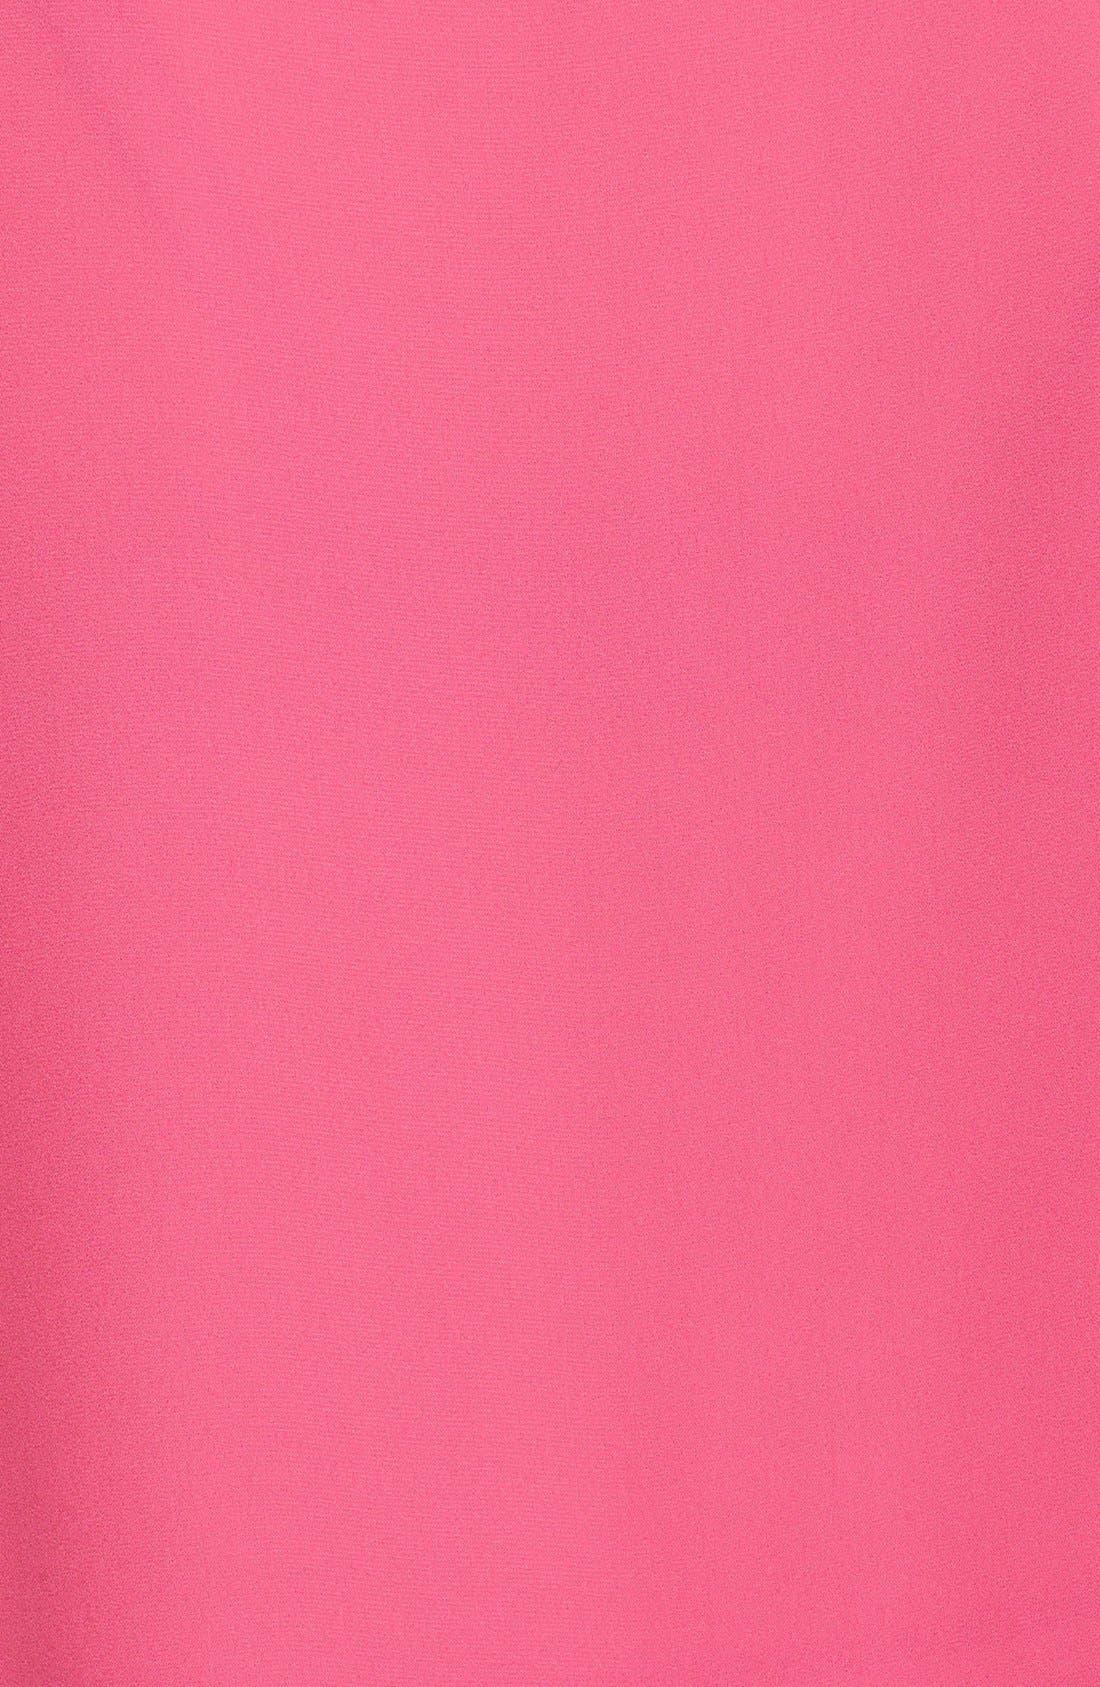 Alternate Image 3  - Vince Camuto Wrap Blouse (Plus Size)